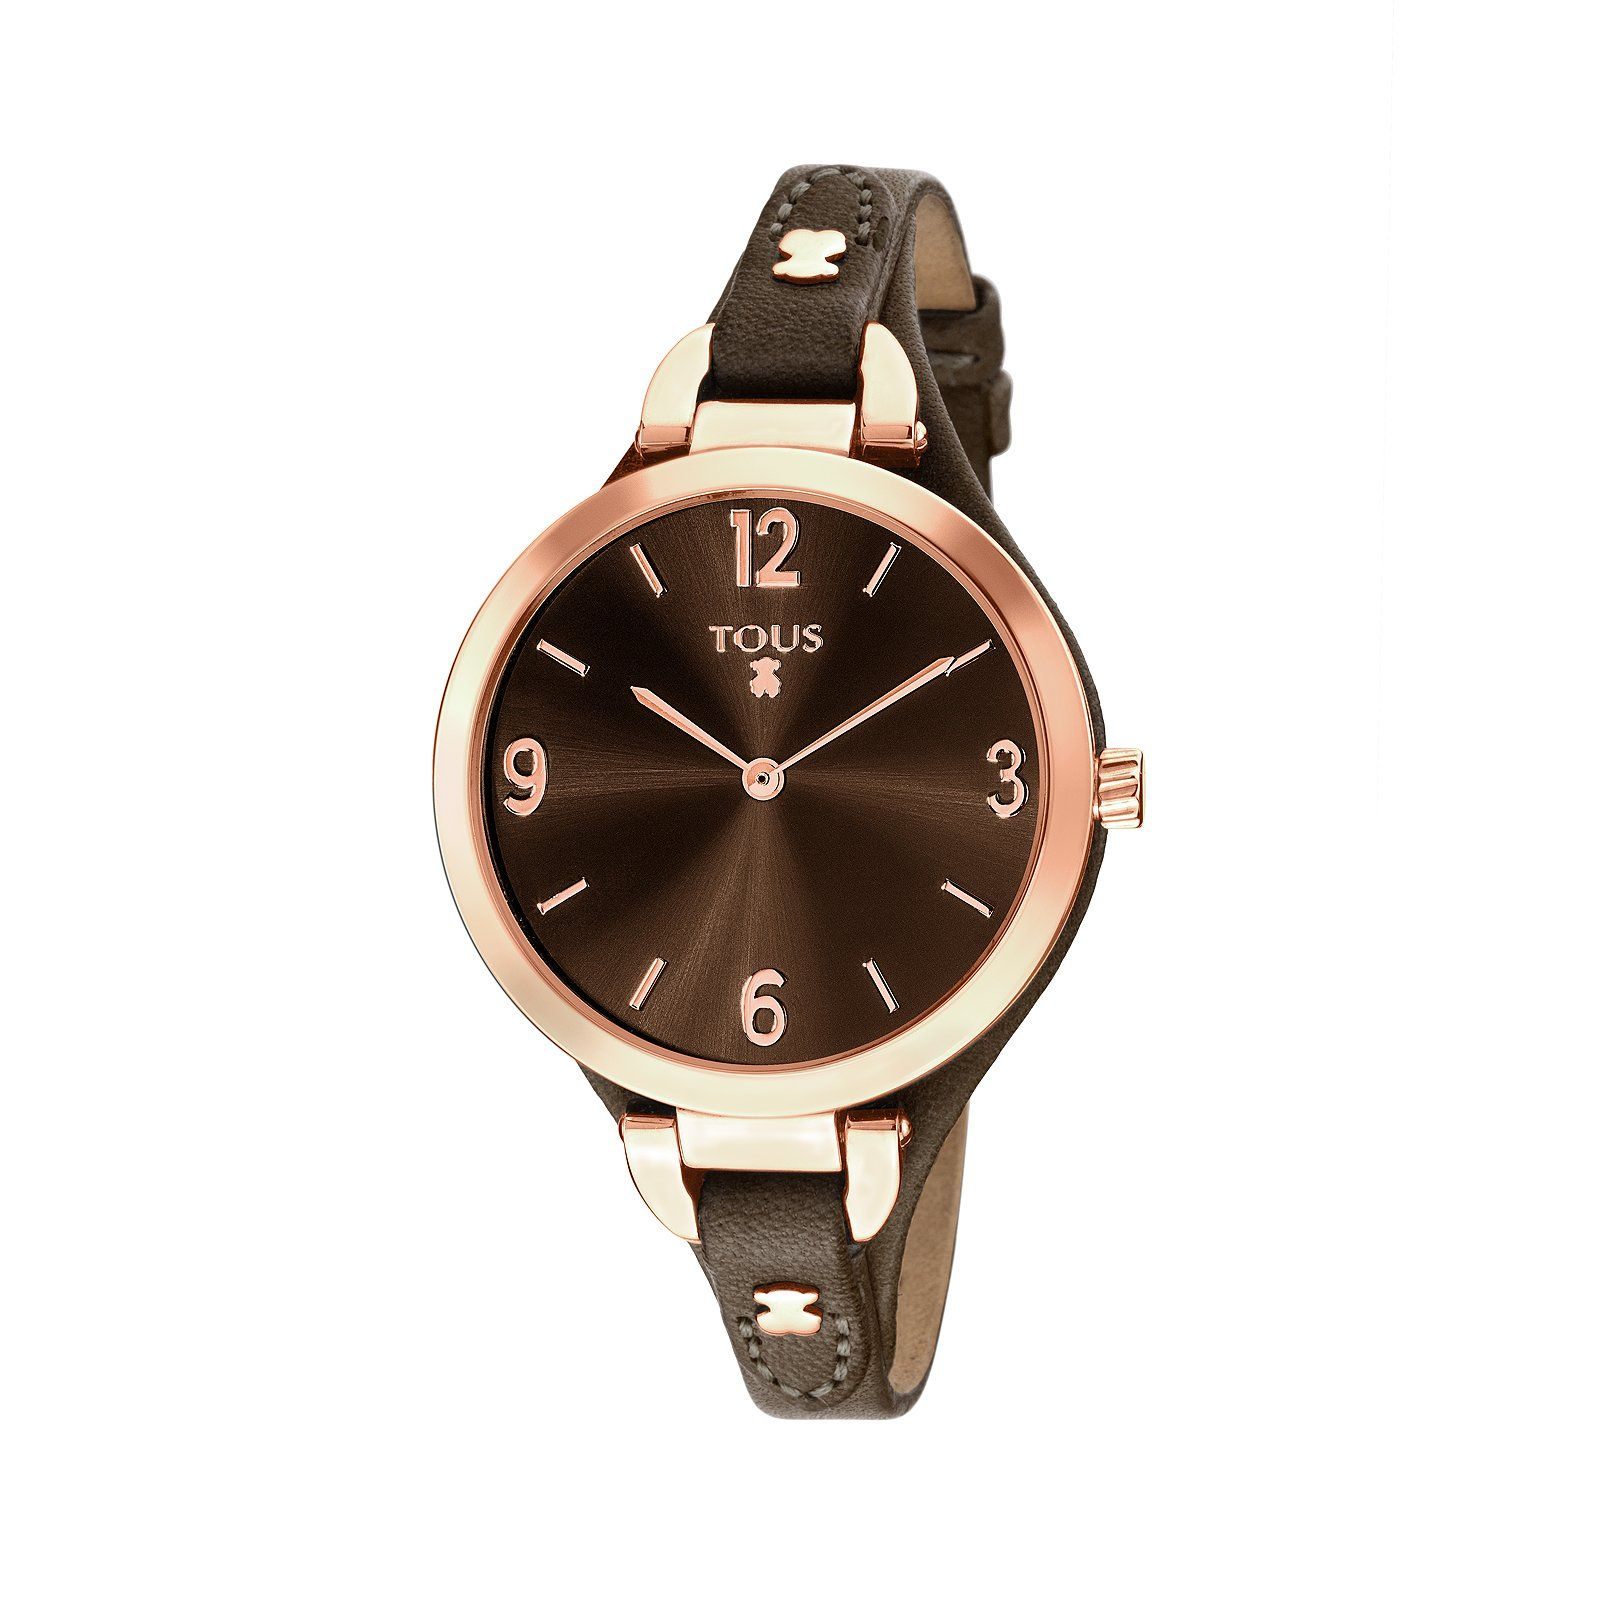 1b588c50f95a TOUS Boheme Piel watch Tous Catalogo